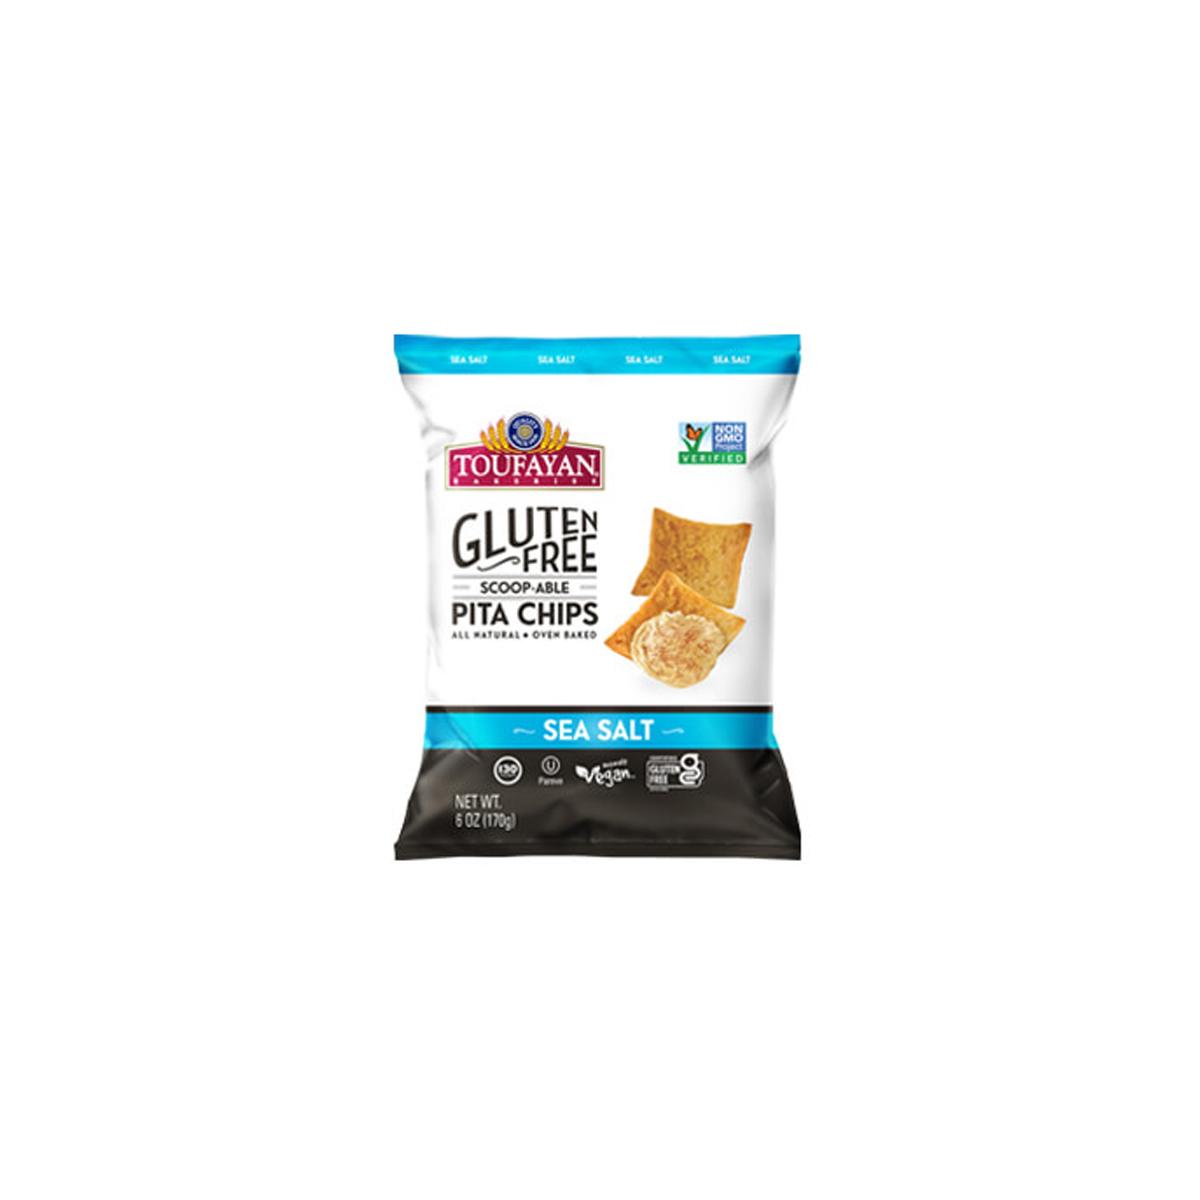 Pita Chips Sea Salt Gluten Free